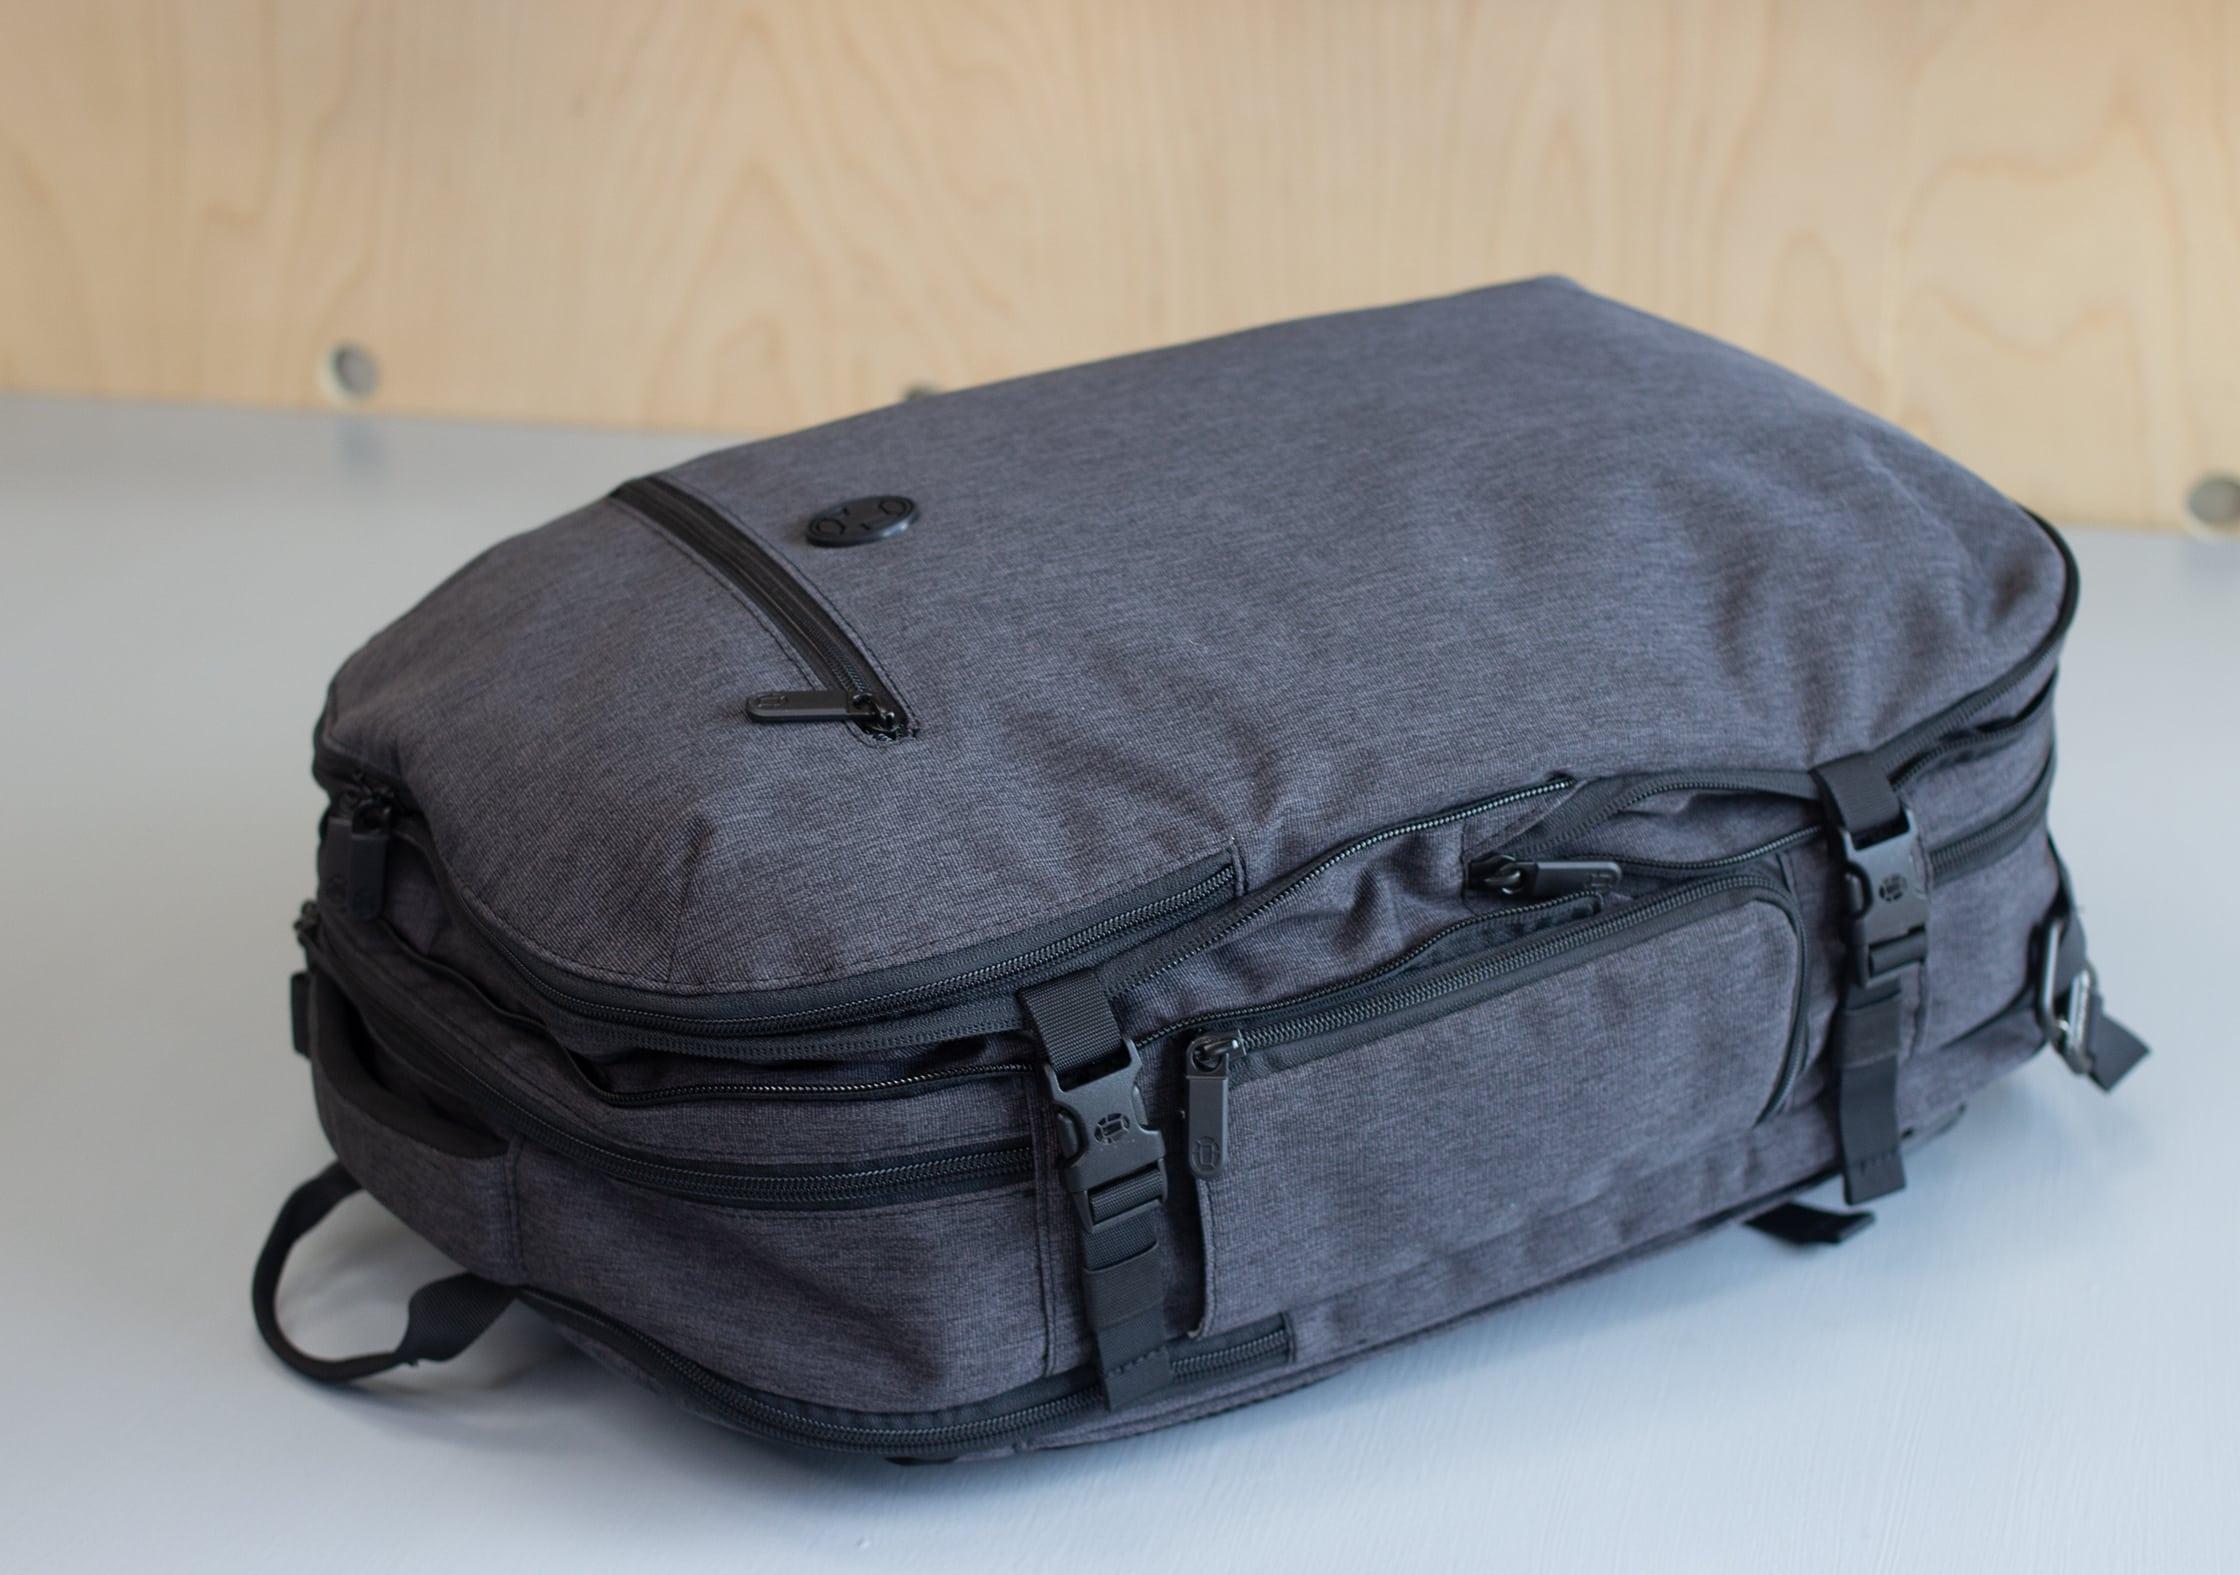 Tortuga Setout Divide Backpack Expanded & Compressed